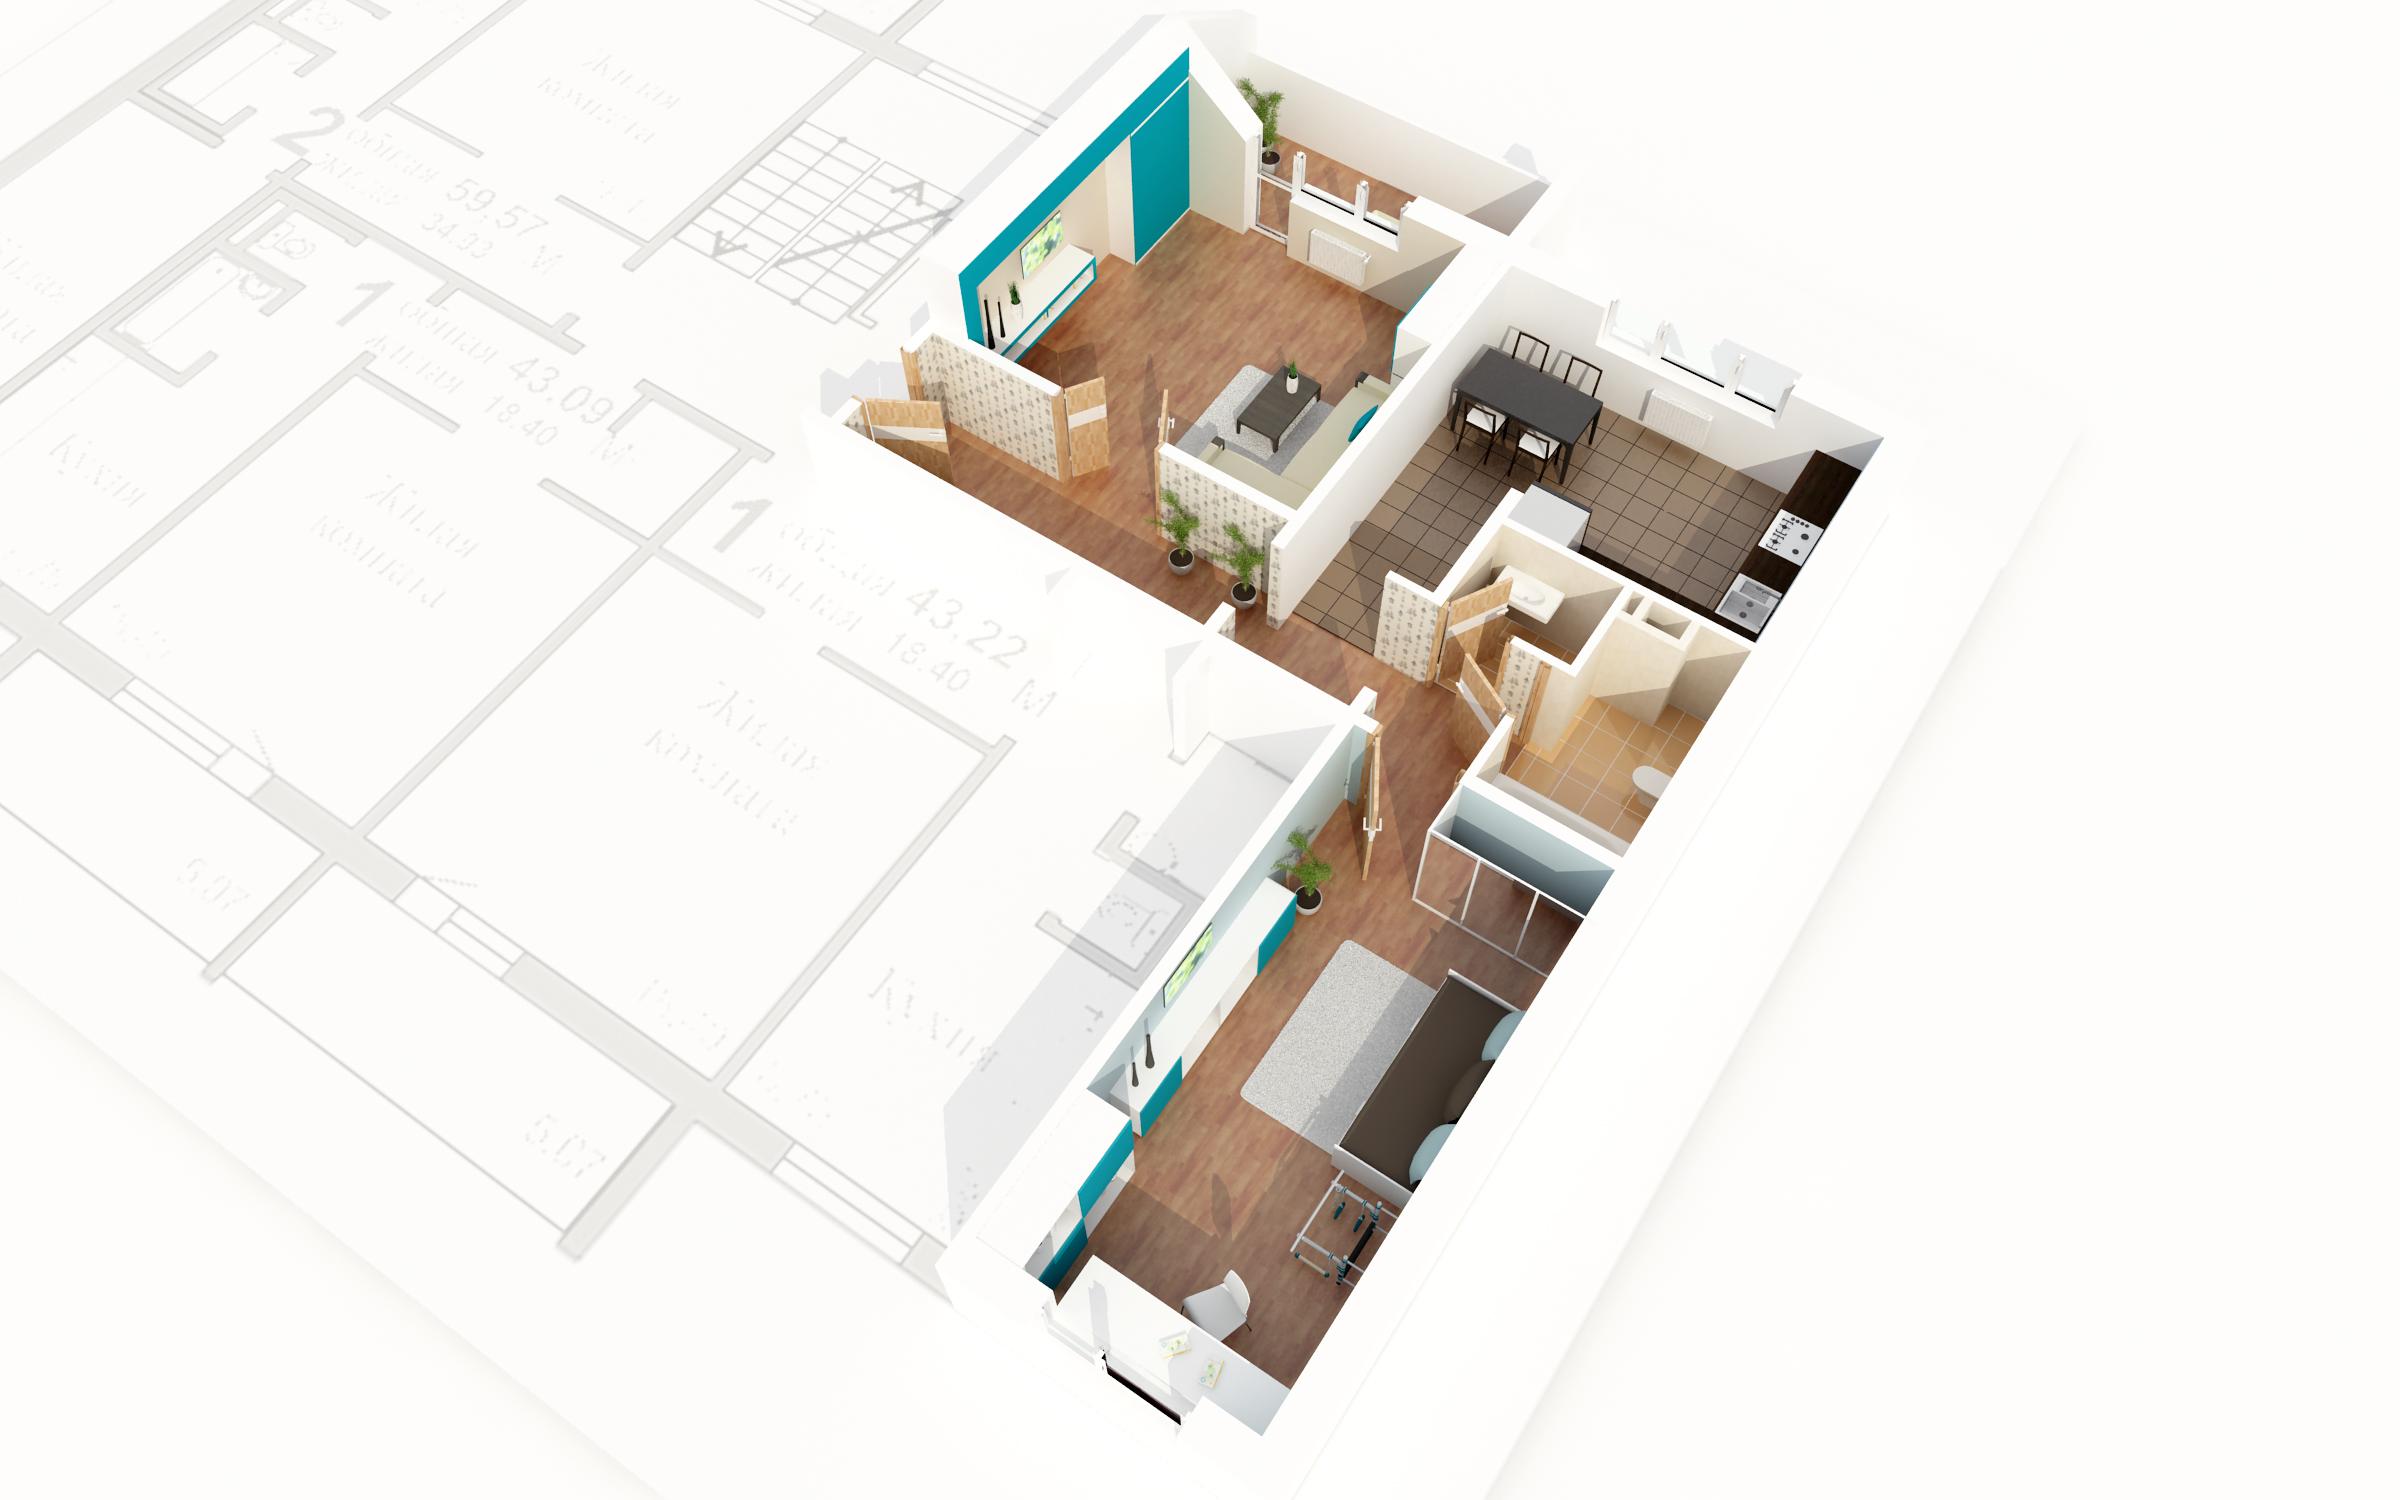 Улучшенная планировка квартир ремонт дизайн